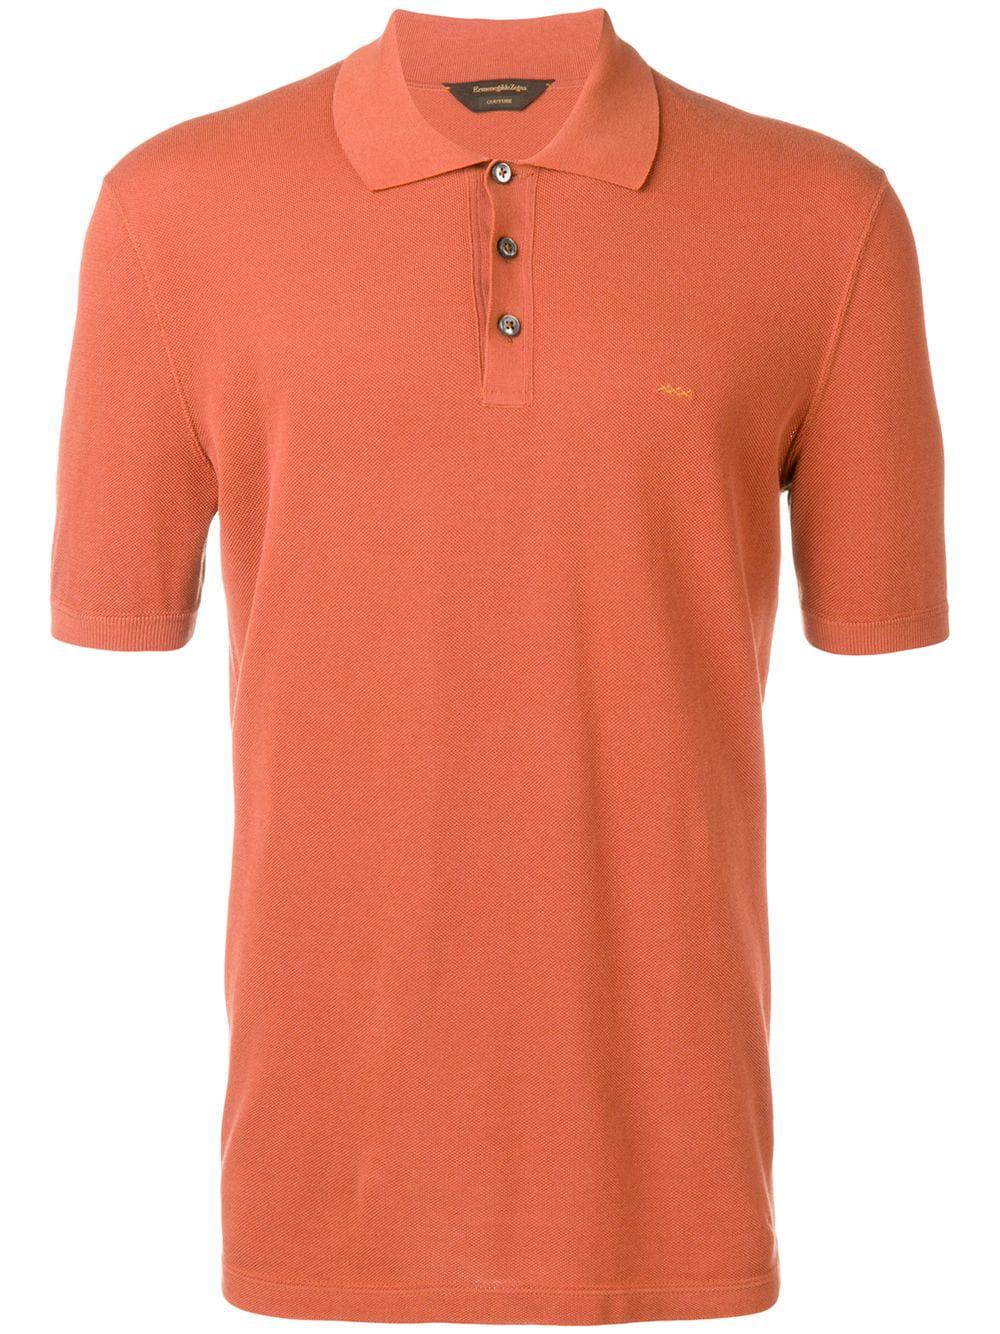 9f7b9e880 Ermenegildo Zegna Xxx Short-Sleeve Polo Top - Orange | ModeSens